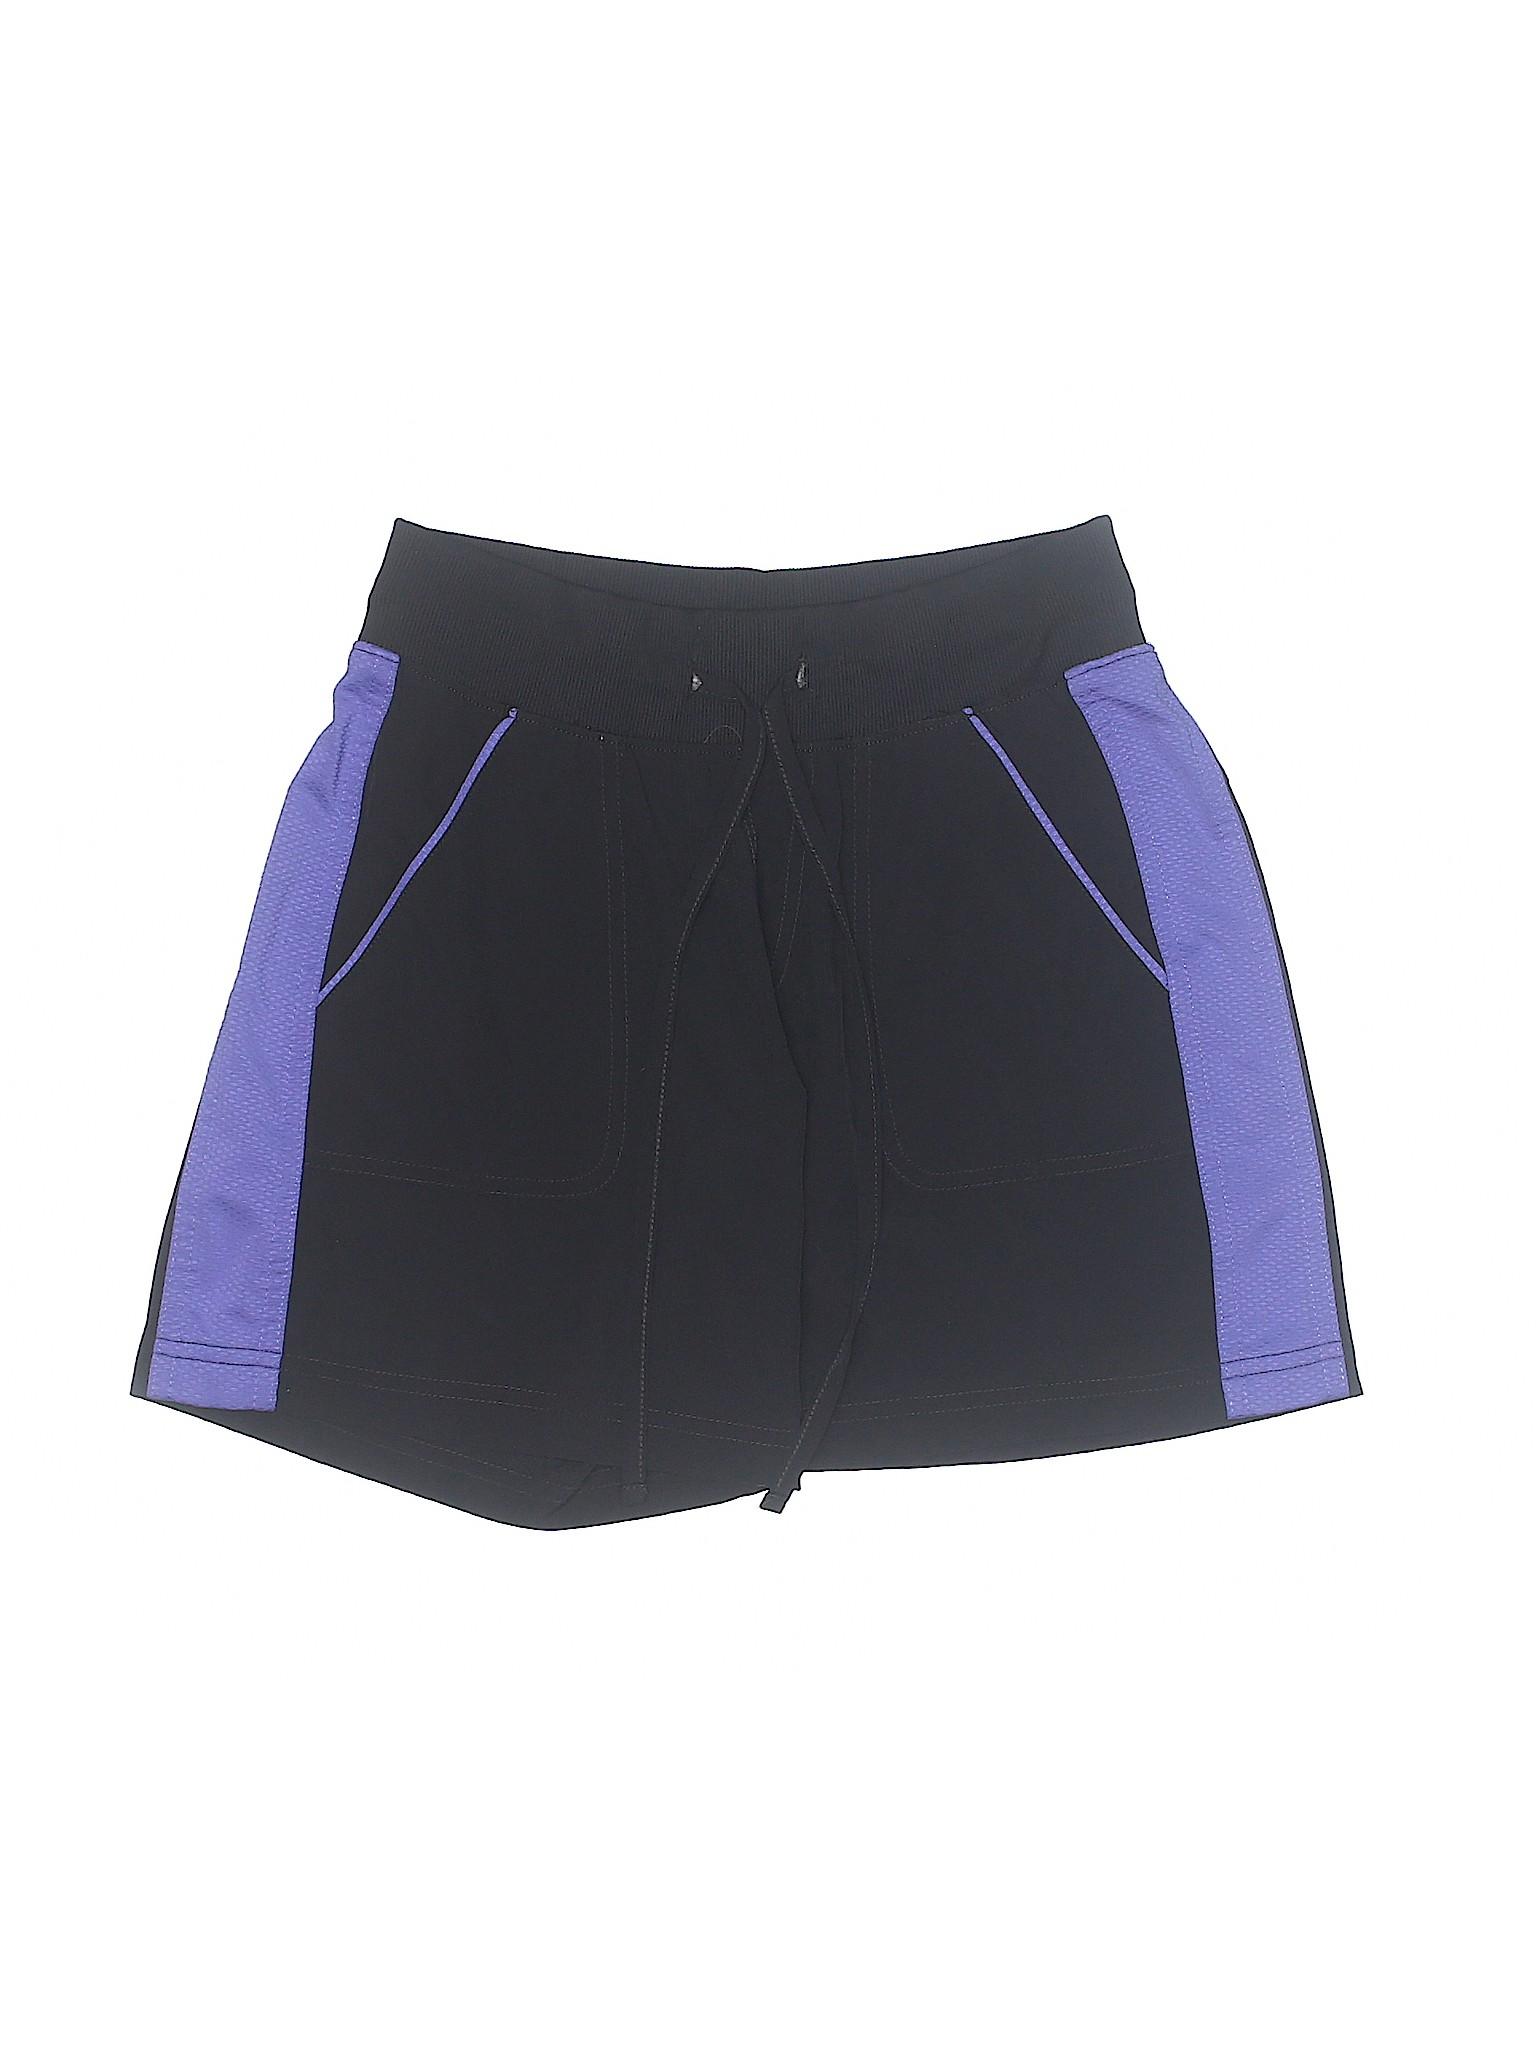 Athletic Boutique Tek Boutique Gear Athletic Shorts Gear Boutique Shorts Tek Athletic Gear Tek B1OqBa